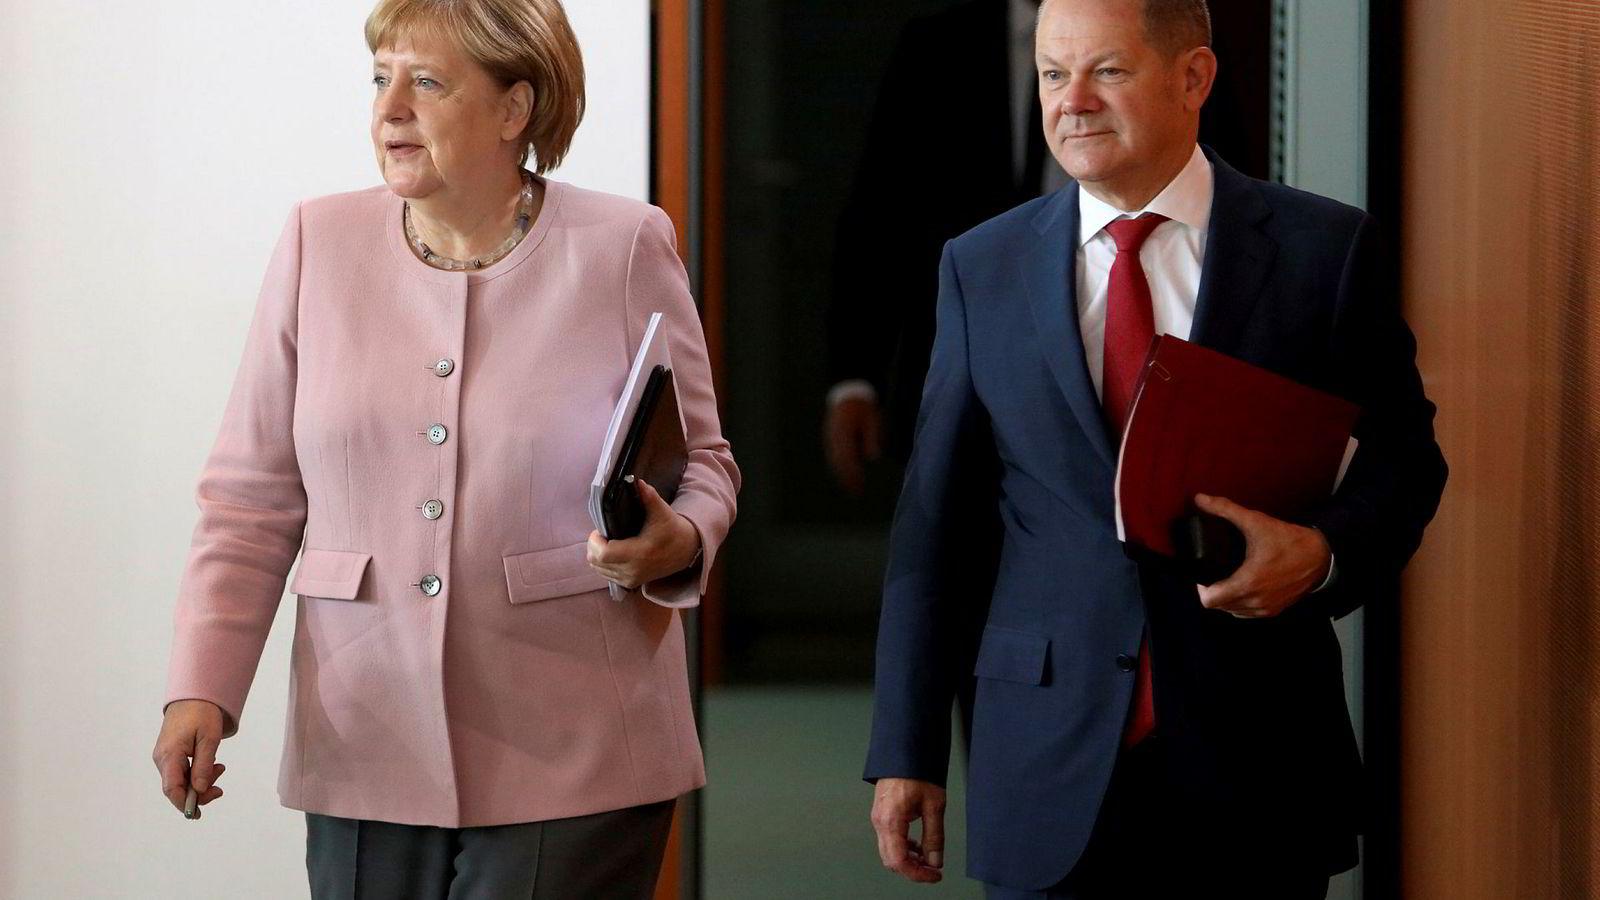 Tysklands statsminister Angela Merkel sammen med visestatsminister Olaf Scholz, som er klar til å kaste seg inn i lederkampen i SPD.